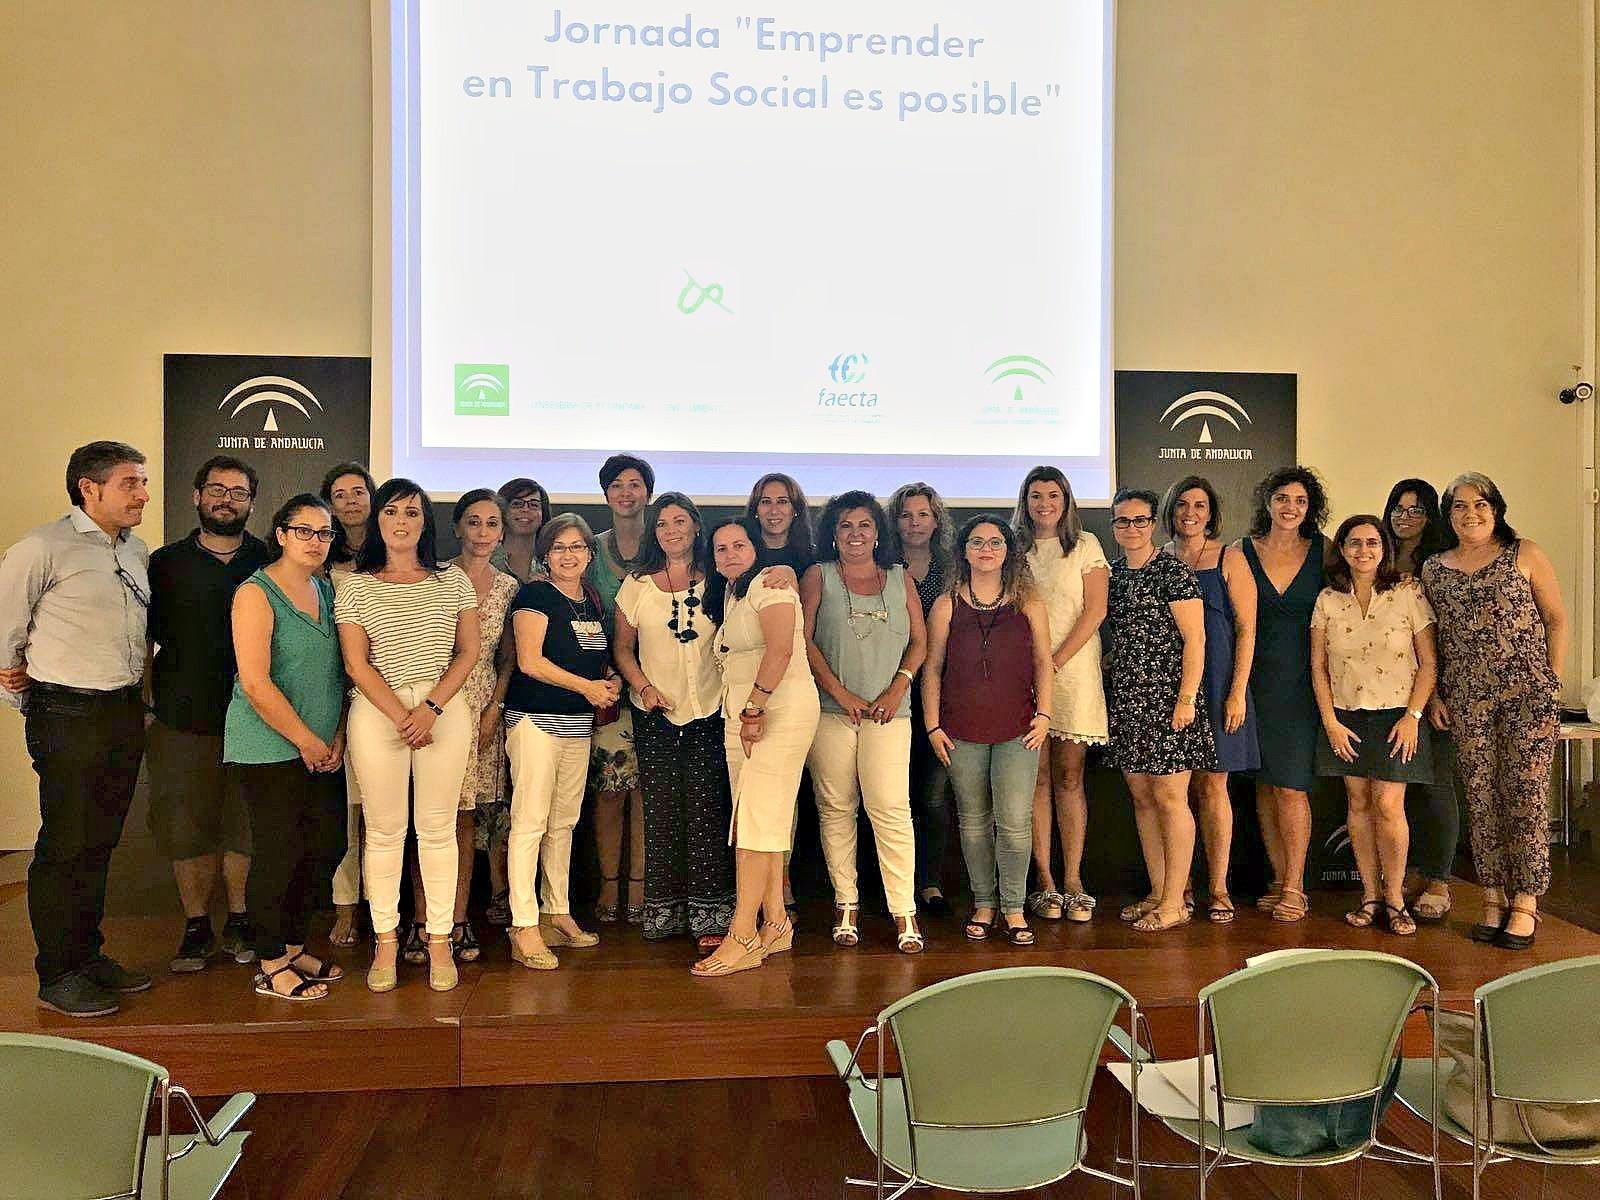 Emprendedores, técnicos y profesionales participantes en la Jornada sobre emprender